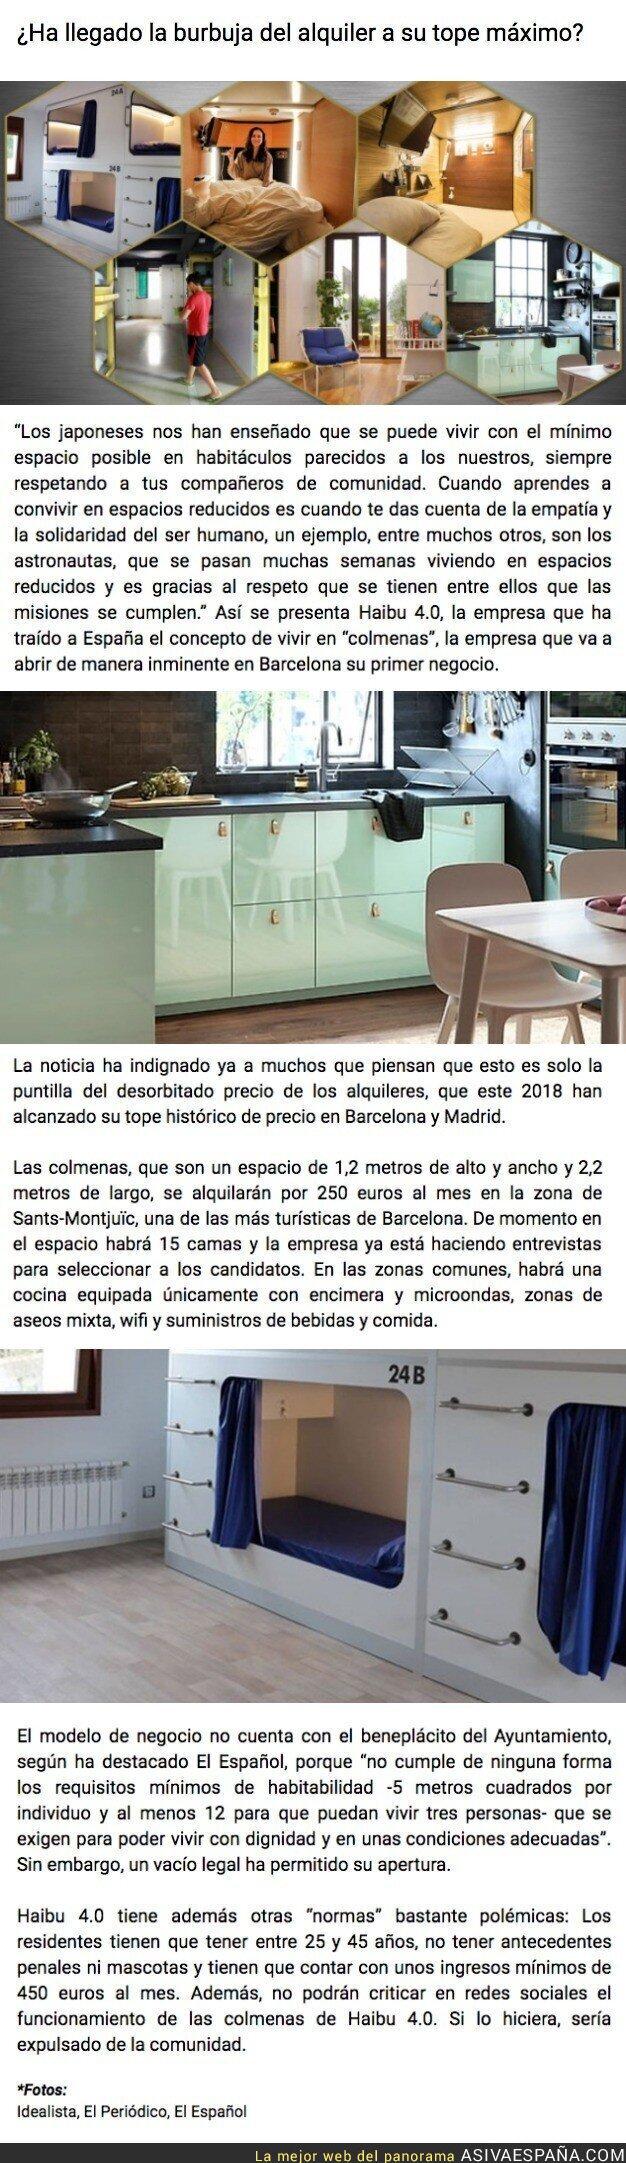 92503 - Los pisos colmena llegan a Barcelona: cápsulas de 3 metros por 250 euros al mes